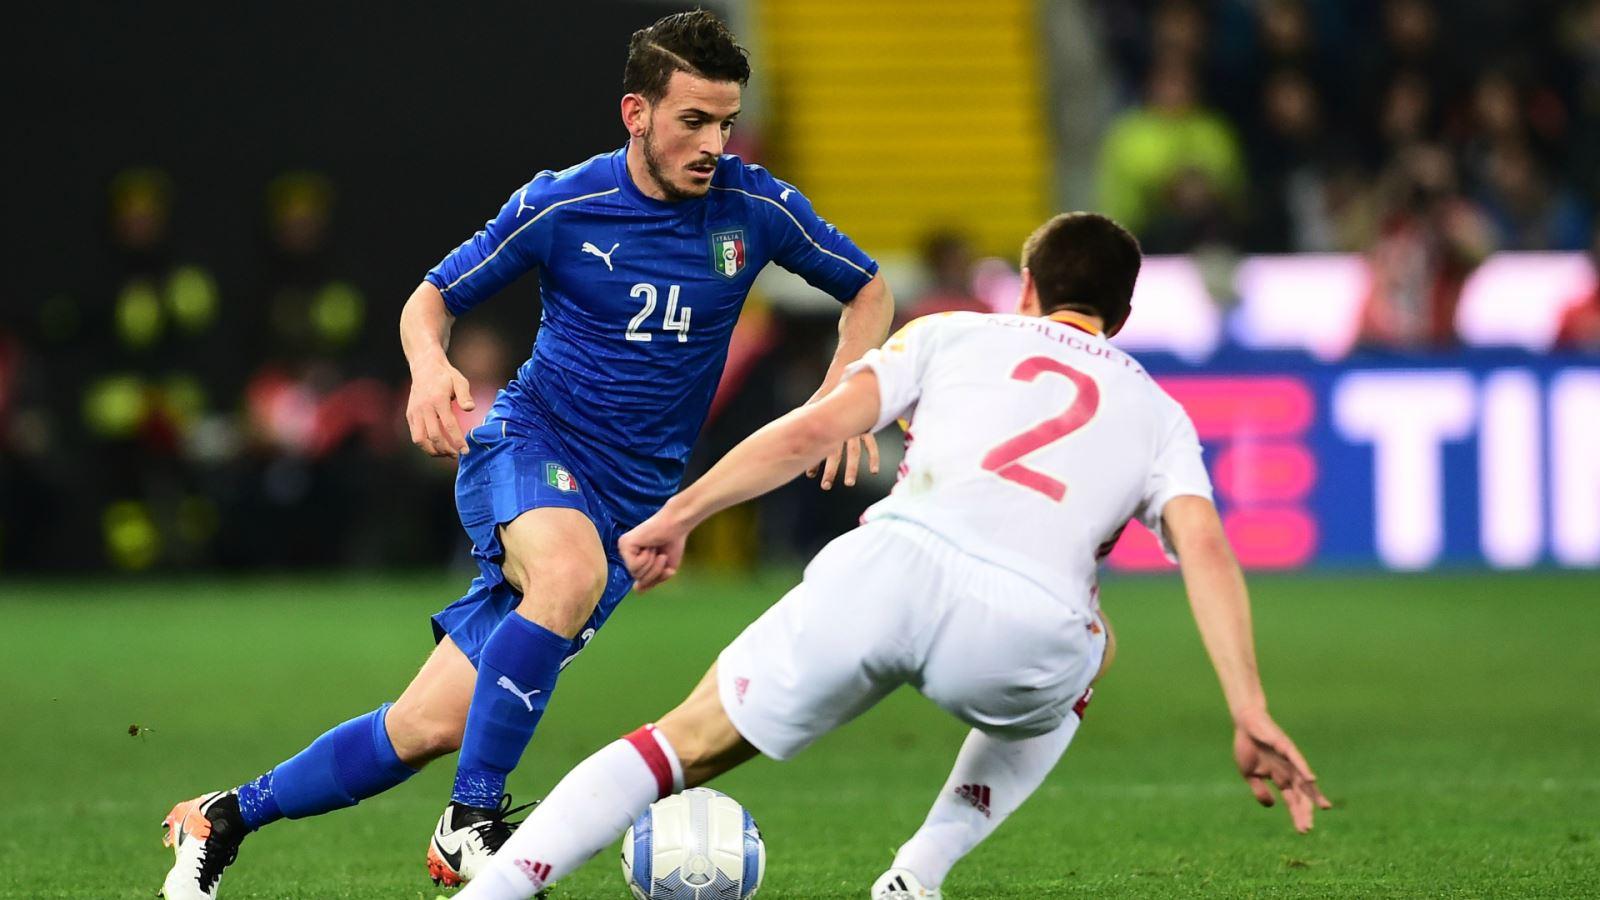 Dự đoán có thưởng trận TBN - Italy cùng 'TRƯỚC GIỜ BÓNG LĂN' của báo Thể thao & Văn hóa